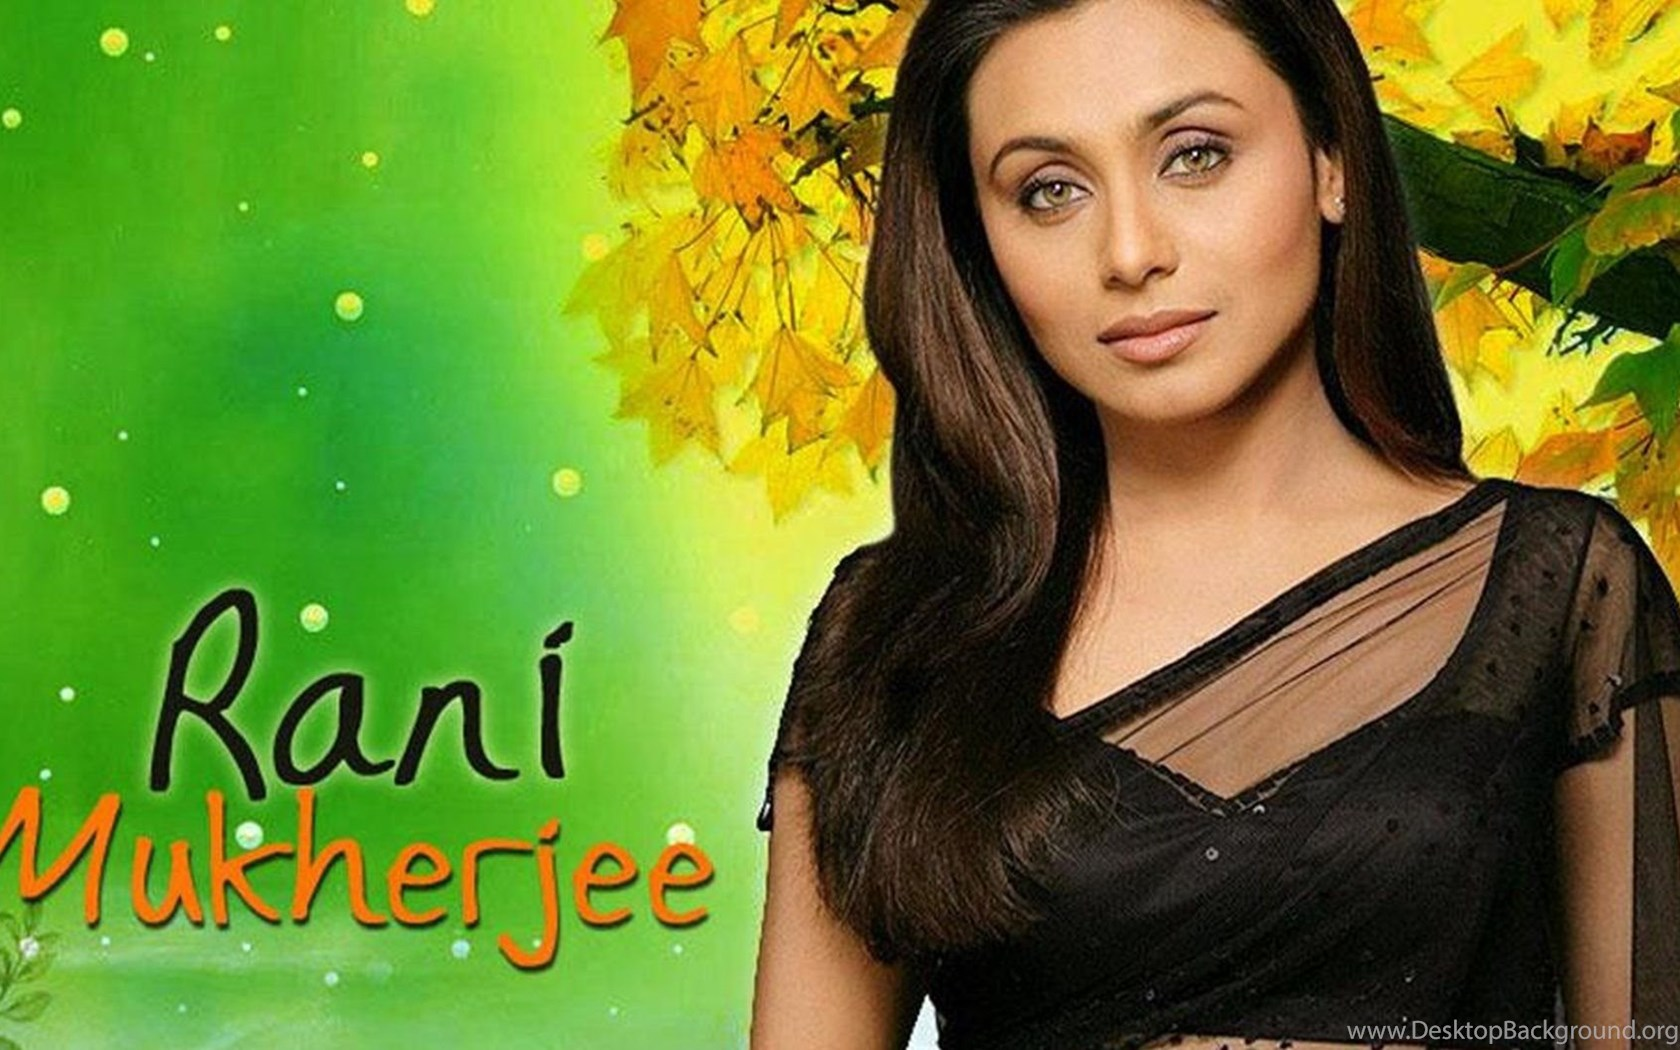 rani mukerji full hd wallpapers desktop background